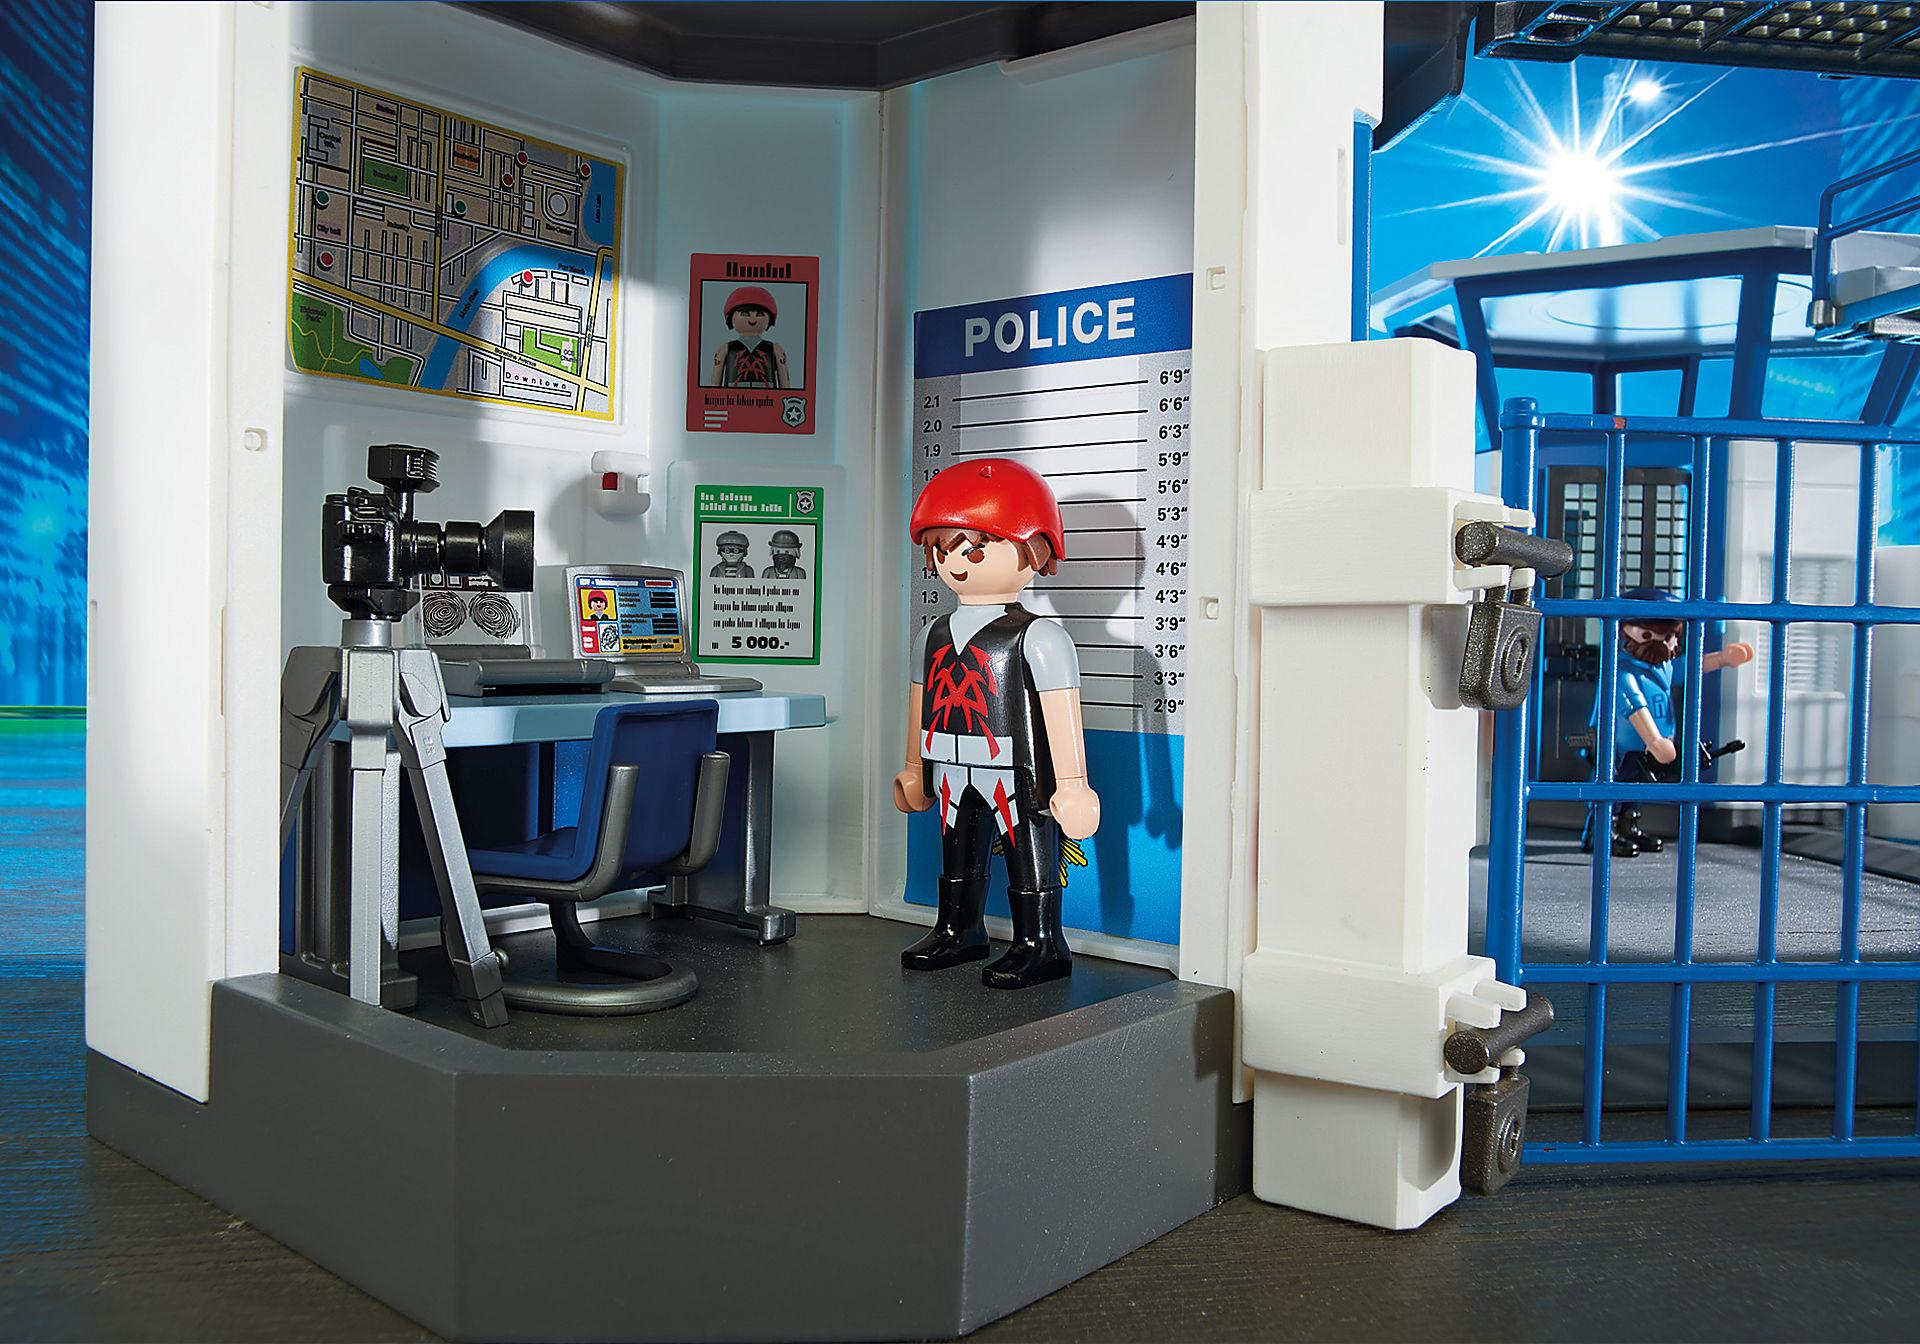 6919 Comisaría de Policía con Prisión zoom image5